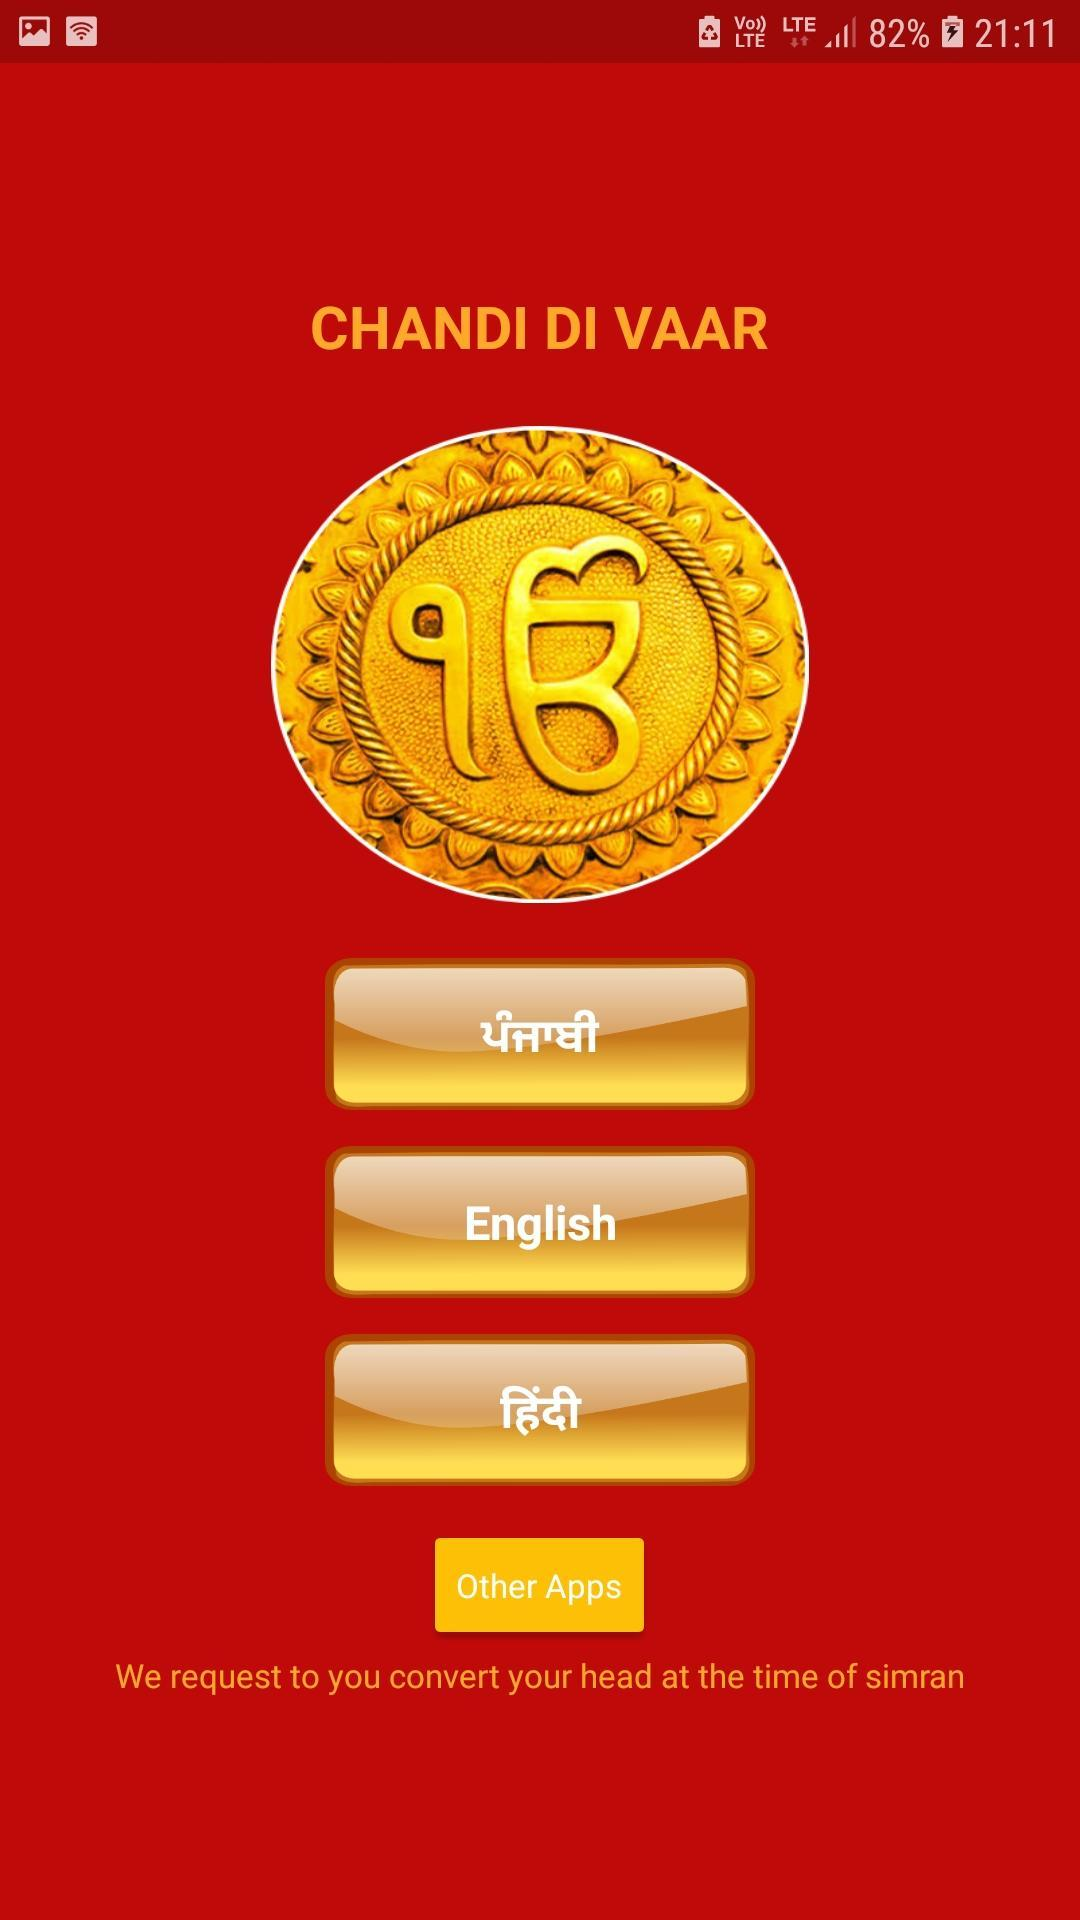 Chandi Di Vaar for Android - APK Download